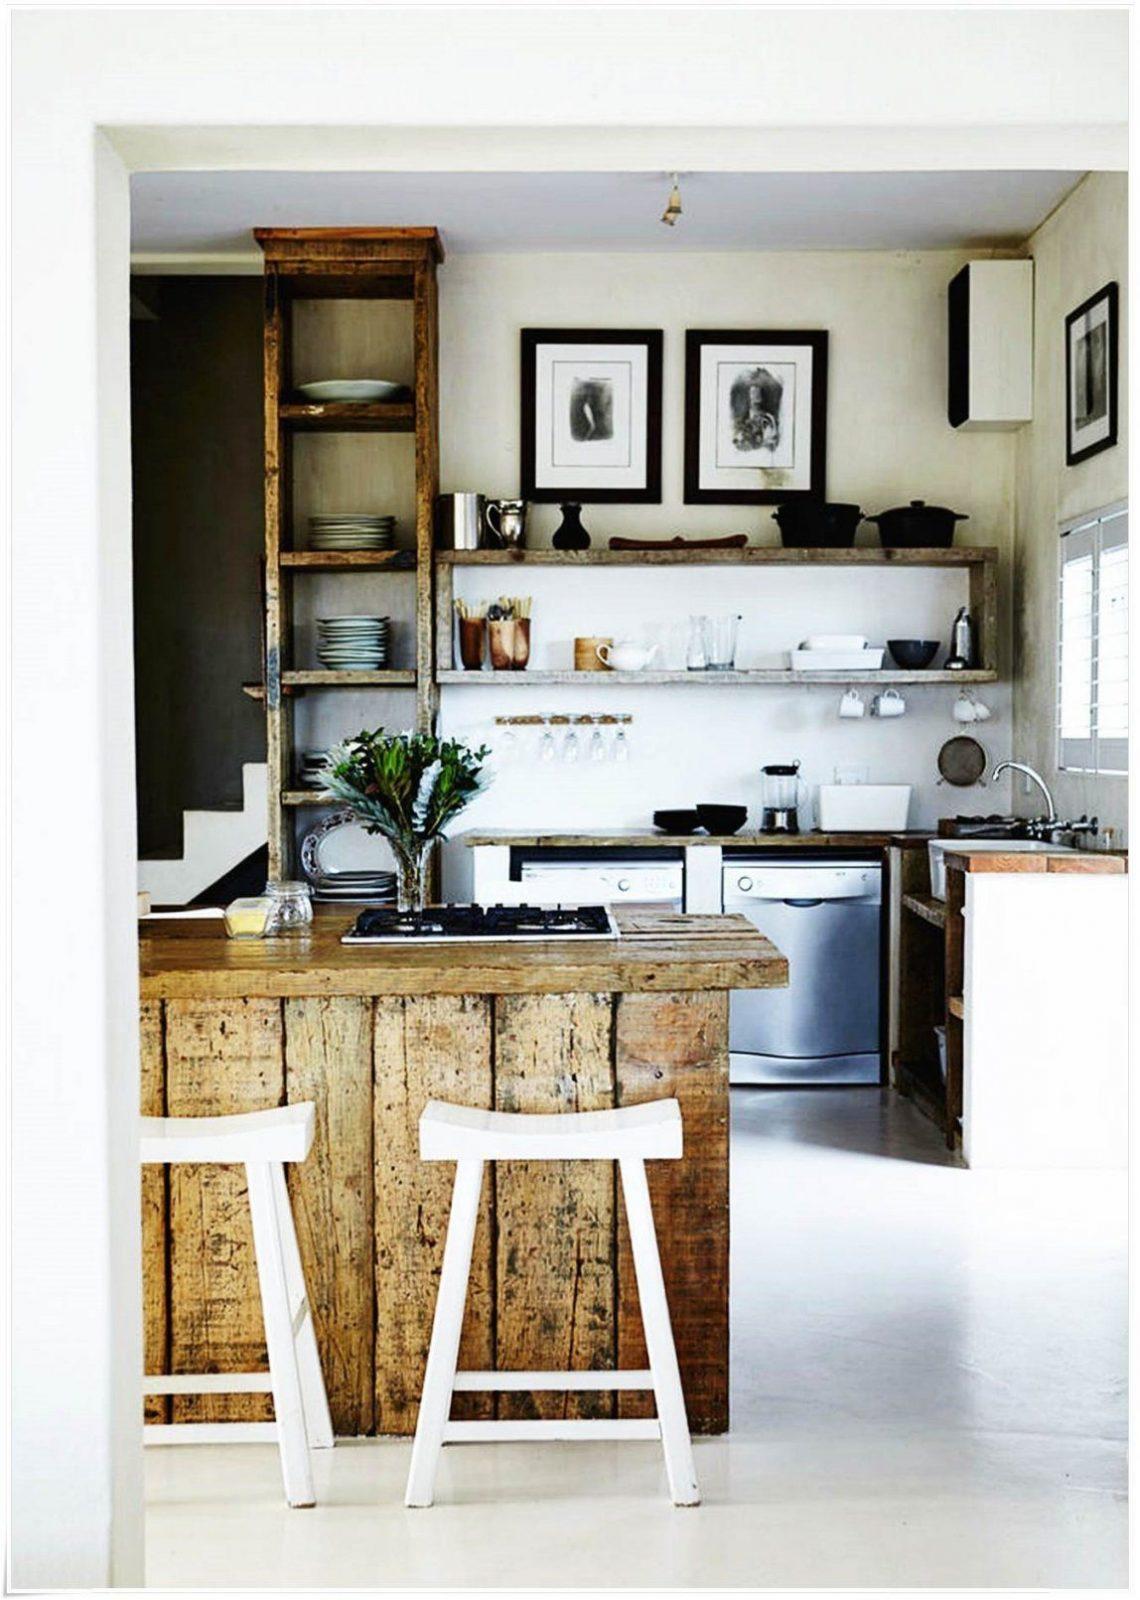 Vortrefflich Bilder Für Die Küche Selber Malen Design 2051 von Küchen Bilder Selber Malen Bild